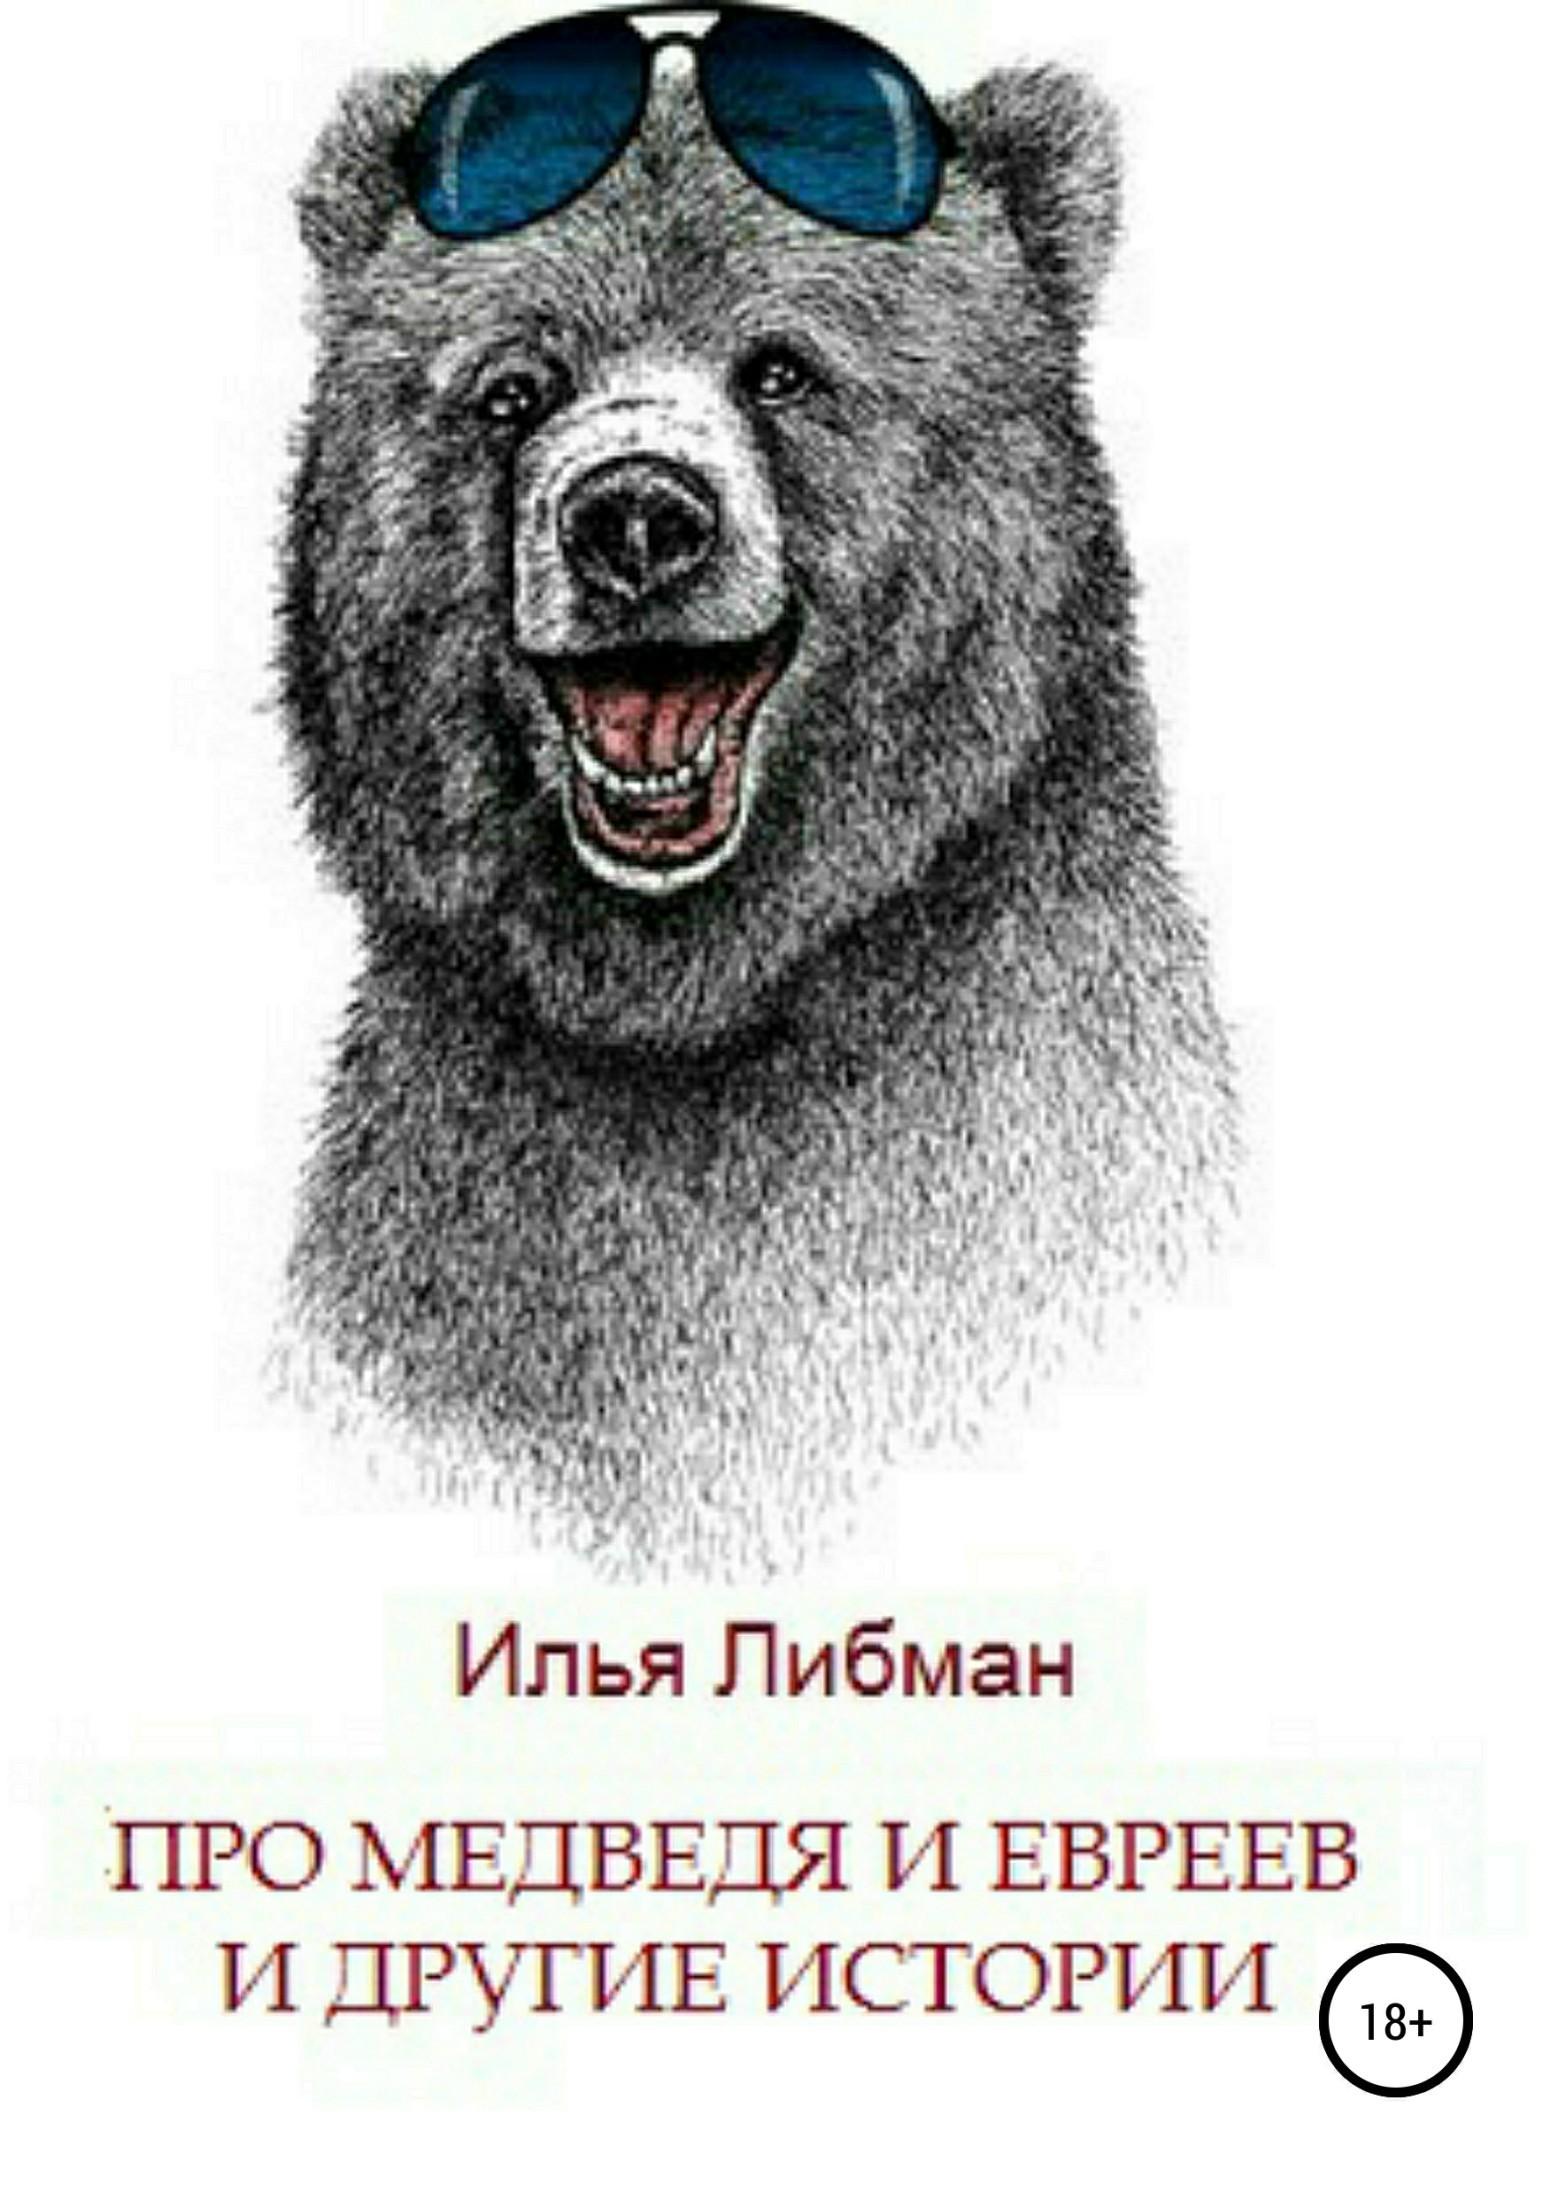 Илья Либман Про медведя и евреев и другие истории. Сборник повестей совершенное тело за шесть недель